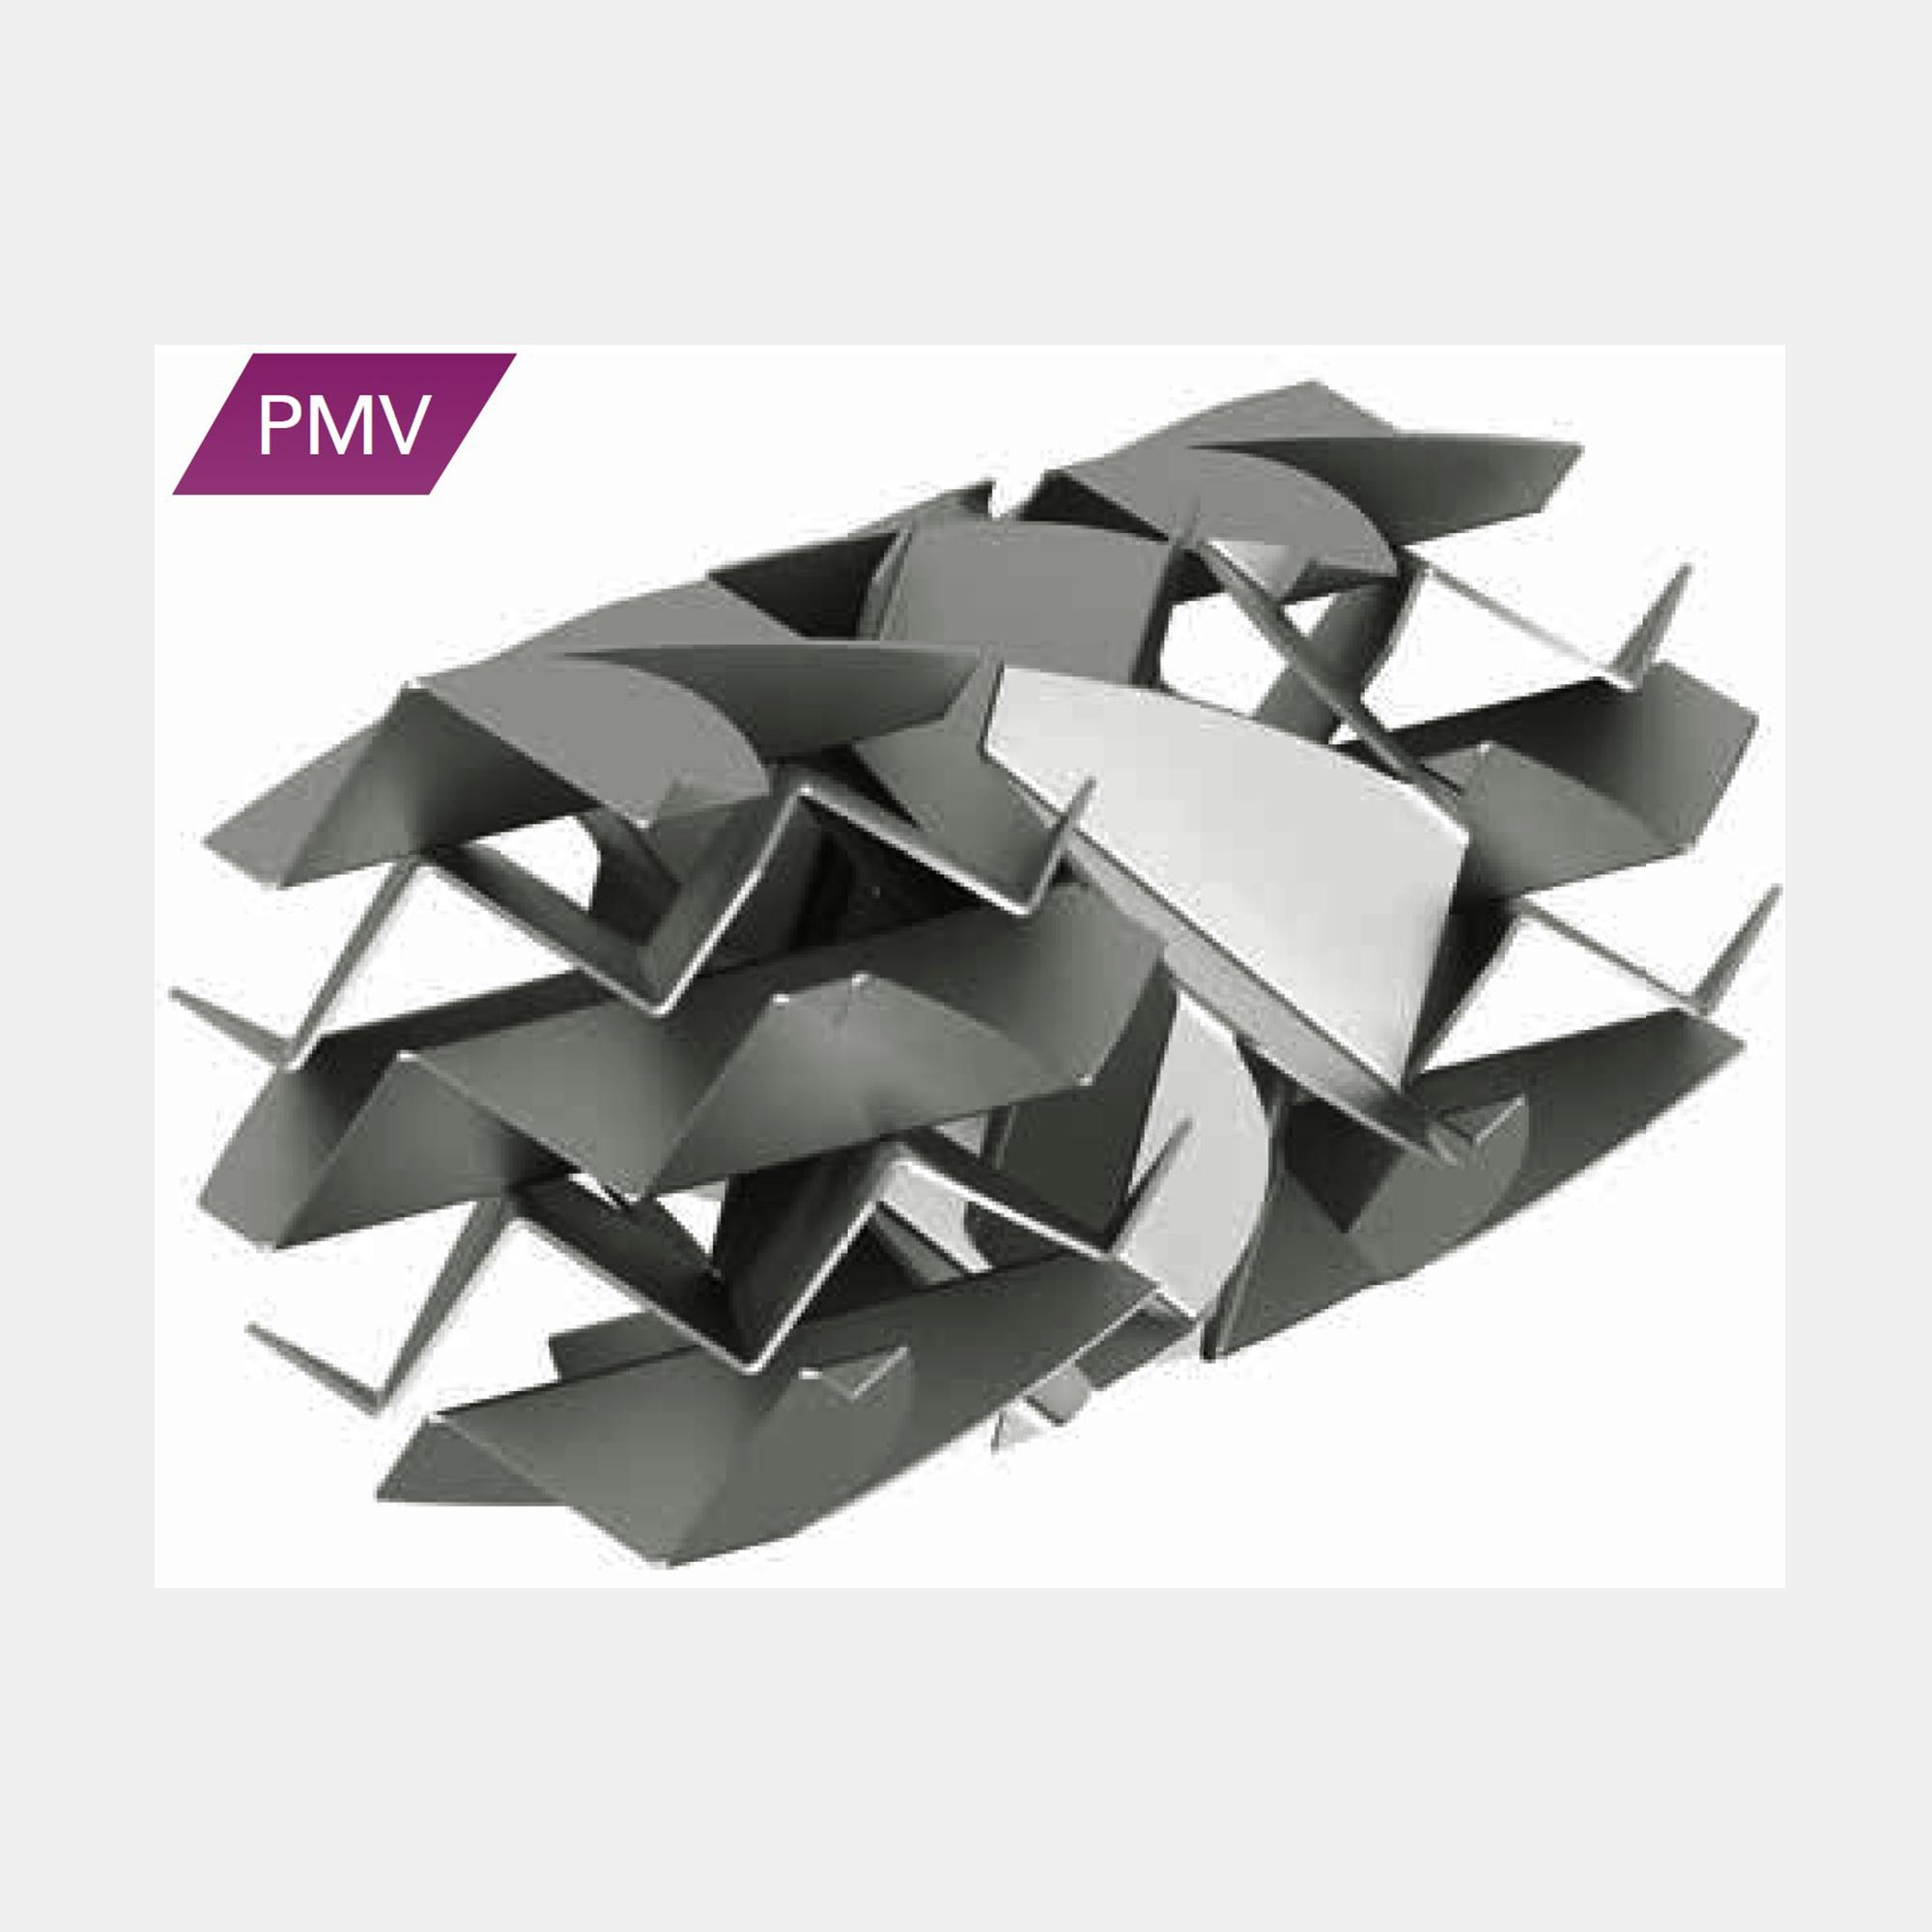 Mezclador estático PMV